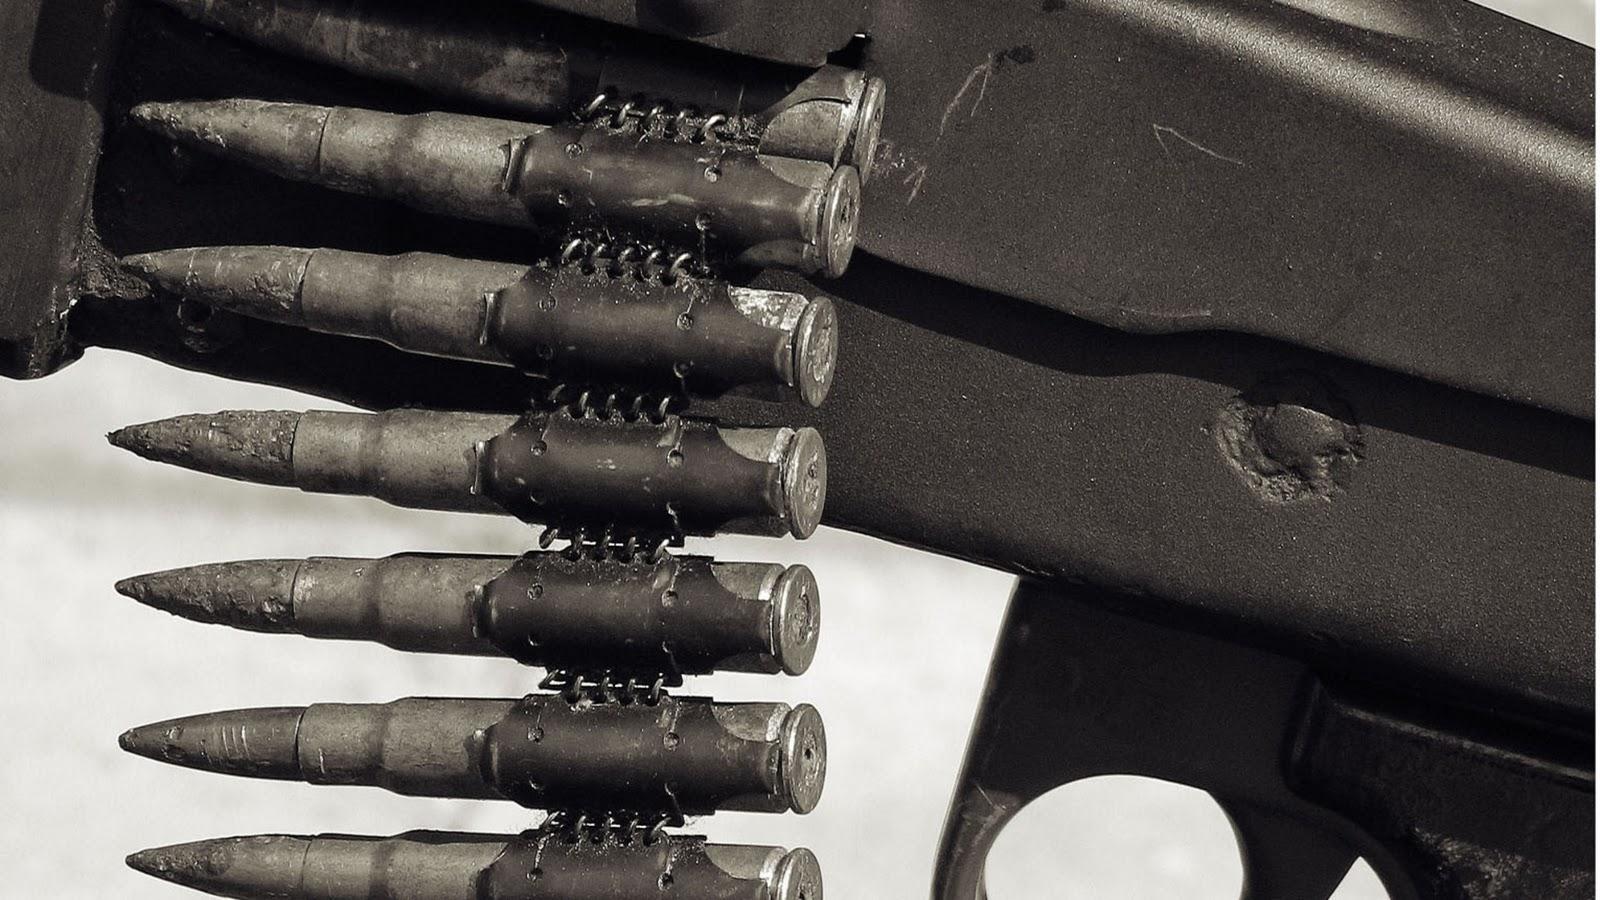 http://3.bp.blogspot.com/_sRGU_JXOz6E/TU16RIEpXwI/AAAAAAAABf0/mo4dyIrDeqQ/s1600/4060_gun_guns_weapons.jpg